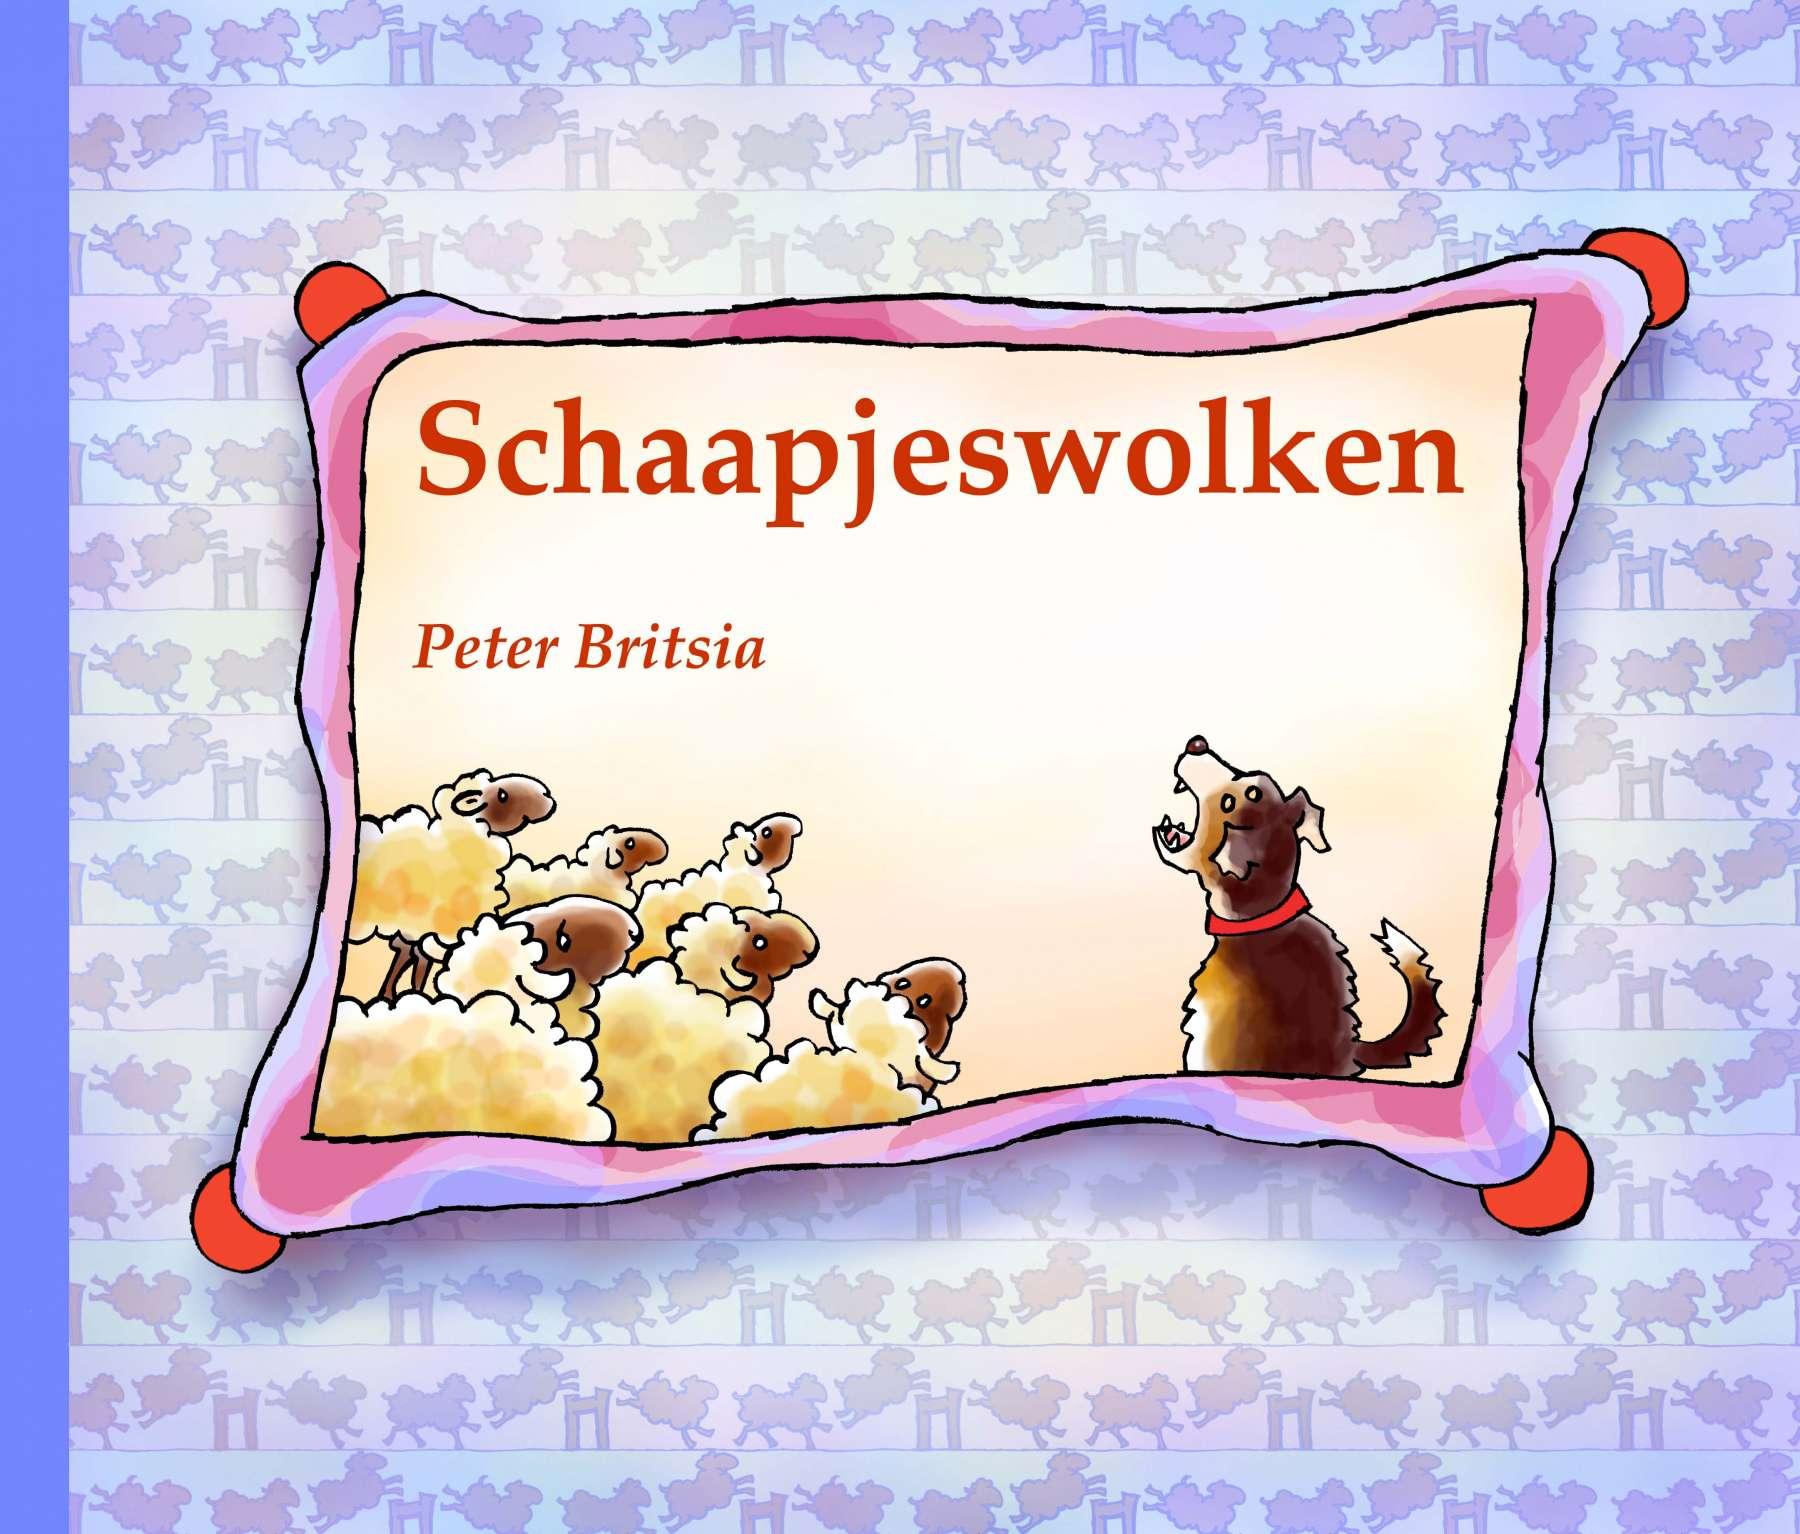 Schaapjeswolken - Uitgeverij Maanvis - Kijkboek voor de kleintjes.